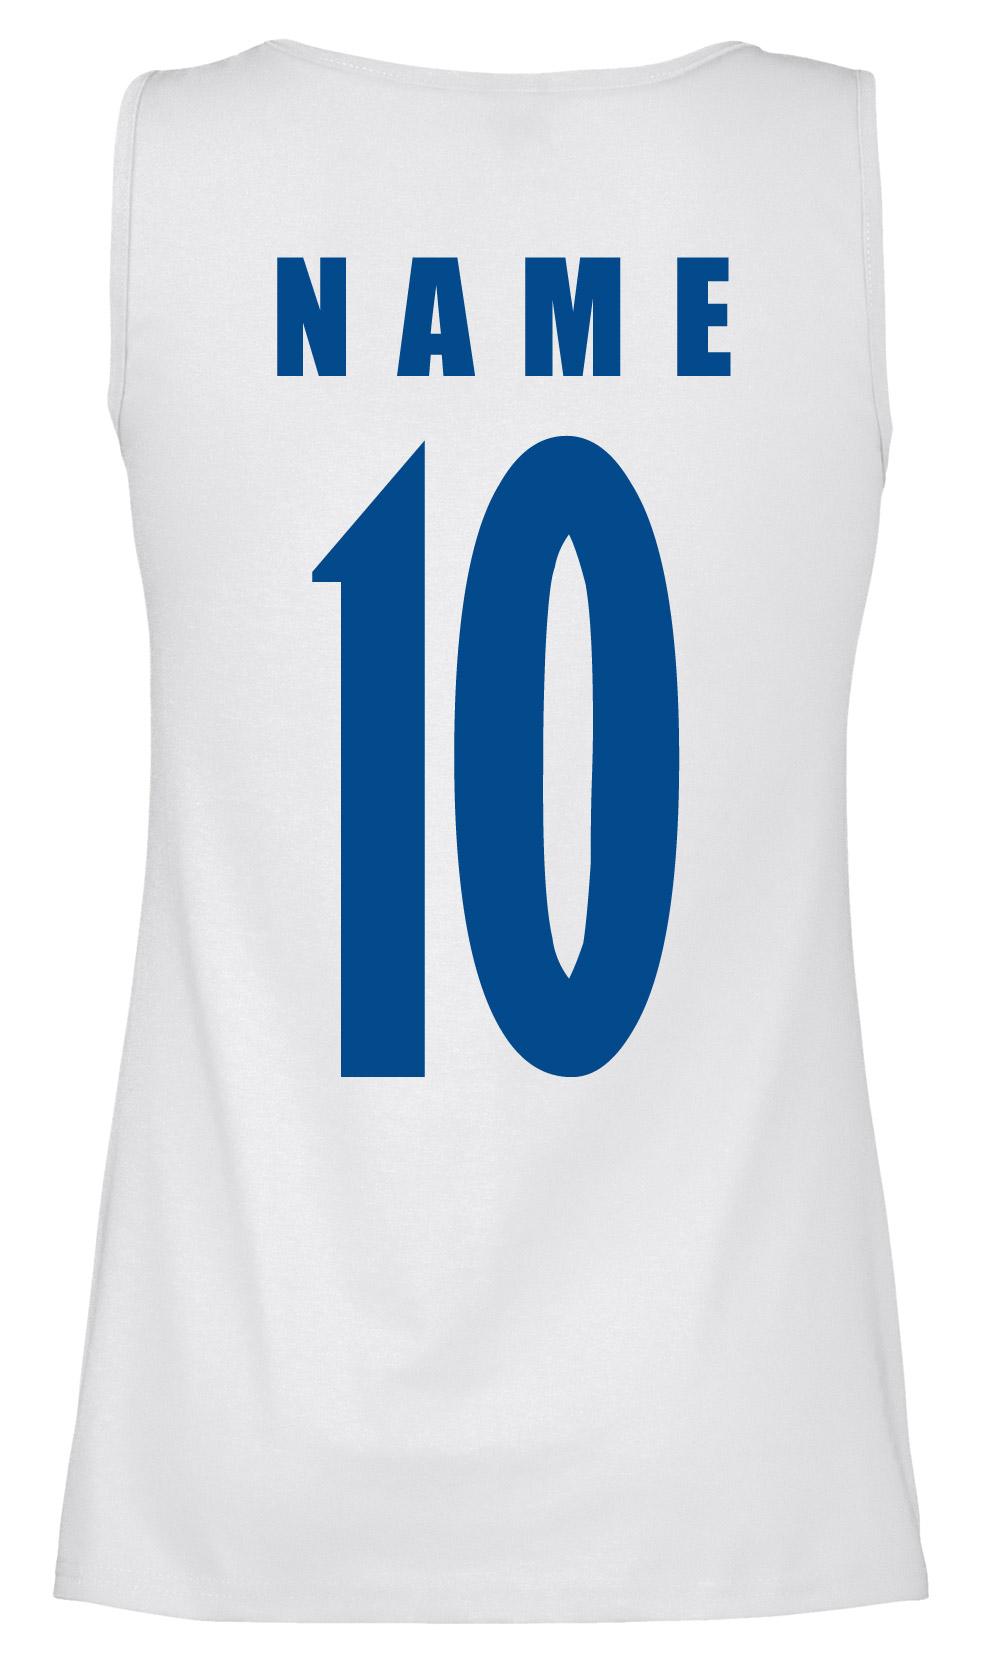 Uruguay Damen Trikot Fanshirt Top Shirt WM 2018 Name Nummer